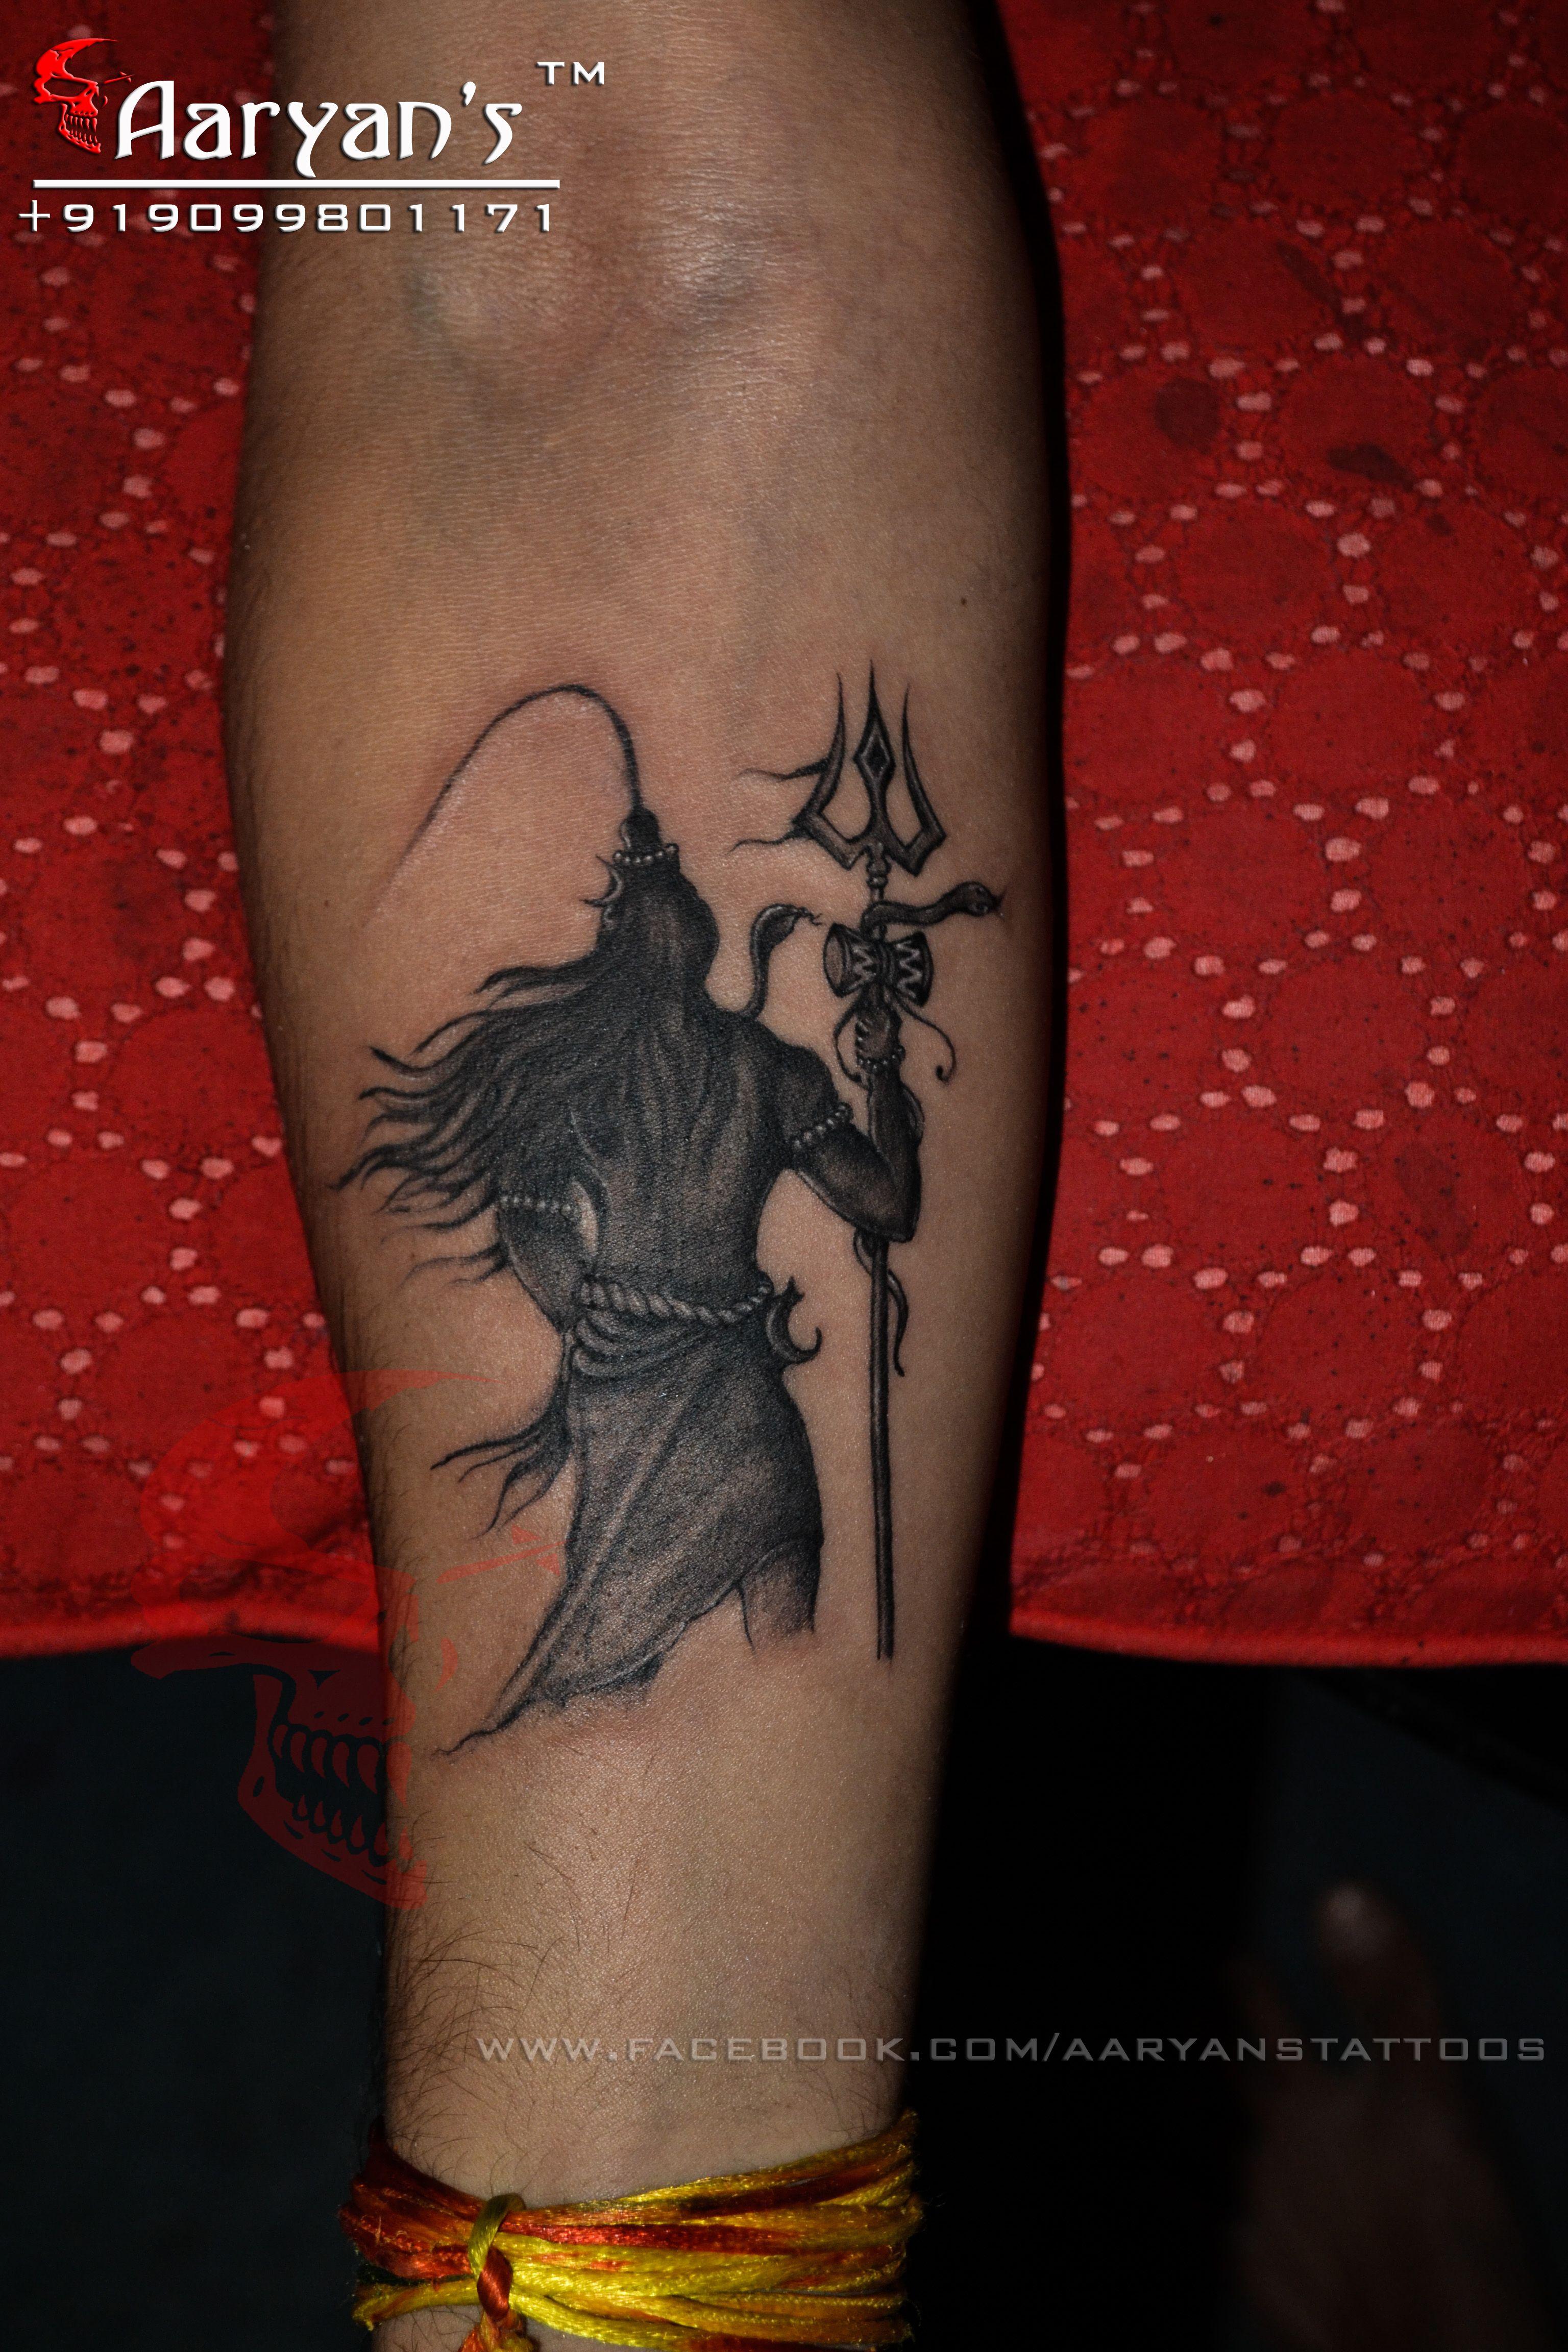 har har mahadev jay mahakal lord shiva tattoo done by aaryan